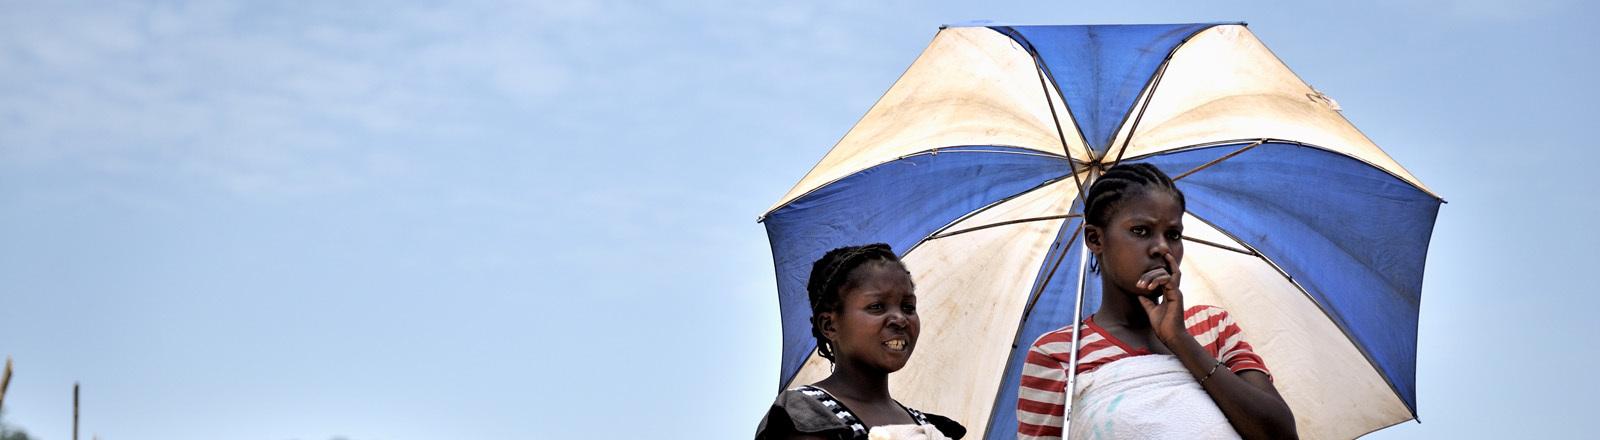 In der Ortschaft Luvungi in der Provinz Nord-Kivu im Osten der Demokratischen Republik Kongo wurden 2010 mindestens 242 Frauen, darunter auch 20 Kinder von den FDLR-Rebellen (Demokratische Kräfte zur Befreiung Ruandas) vergewaltigt.